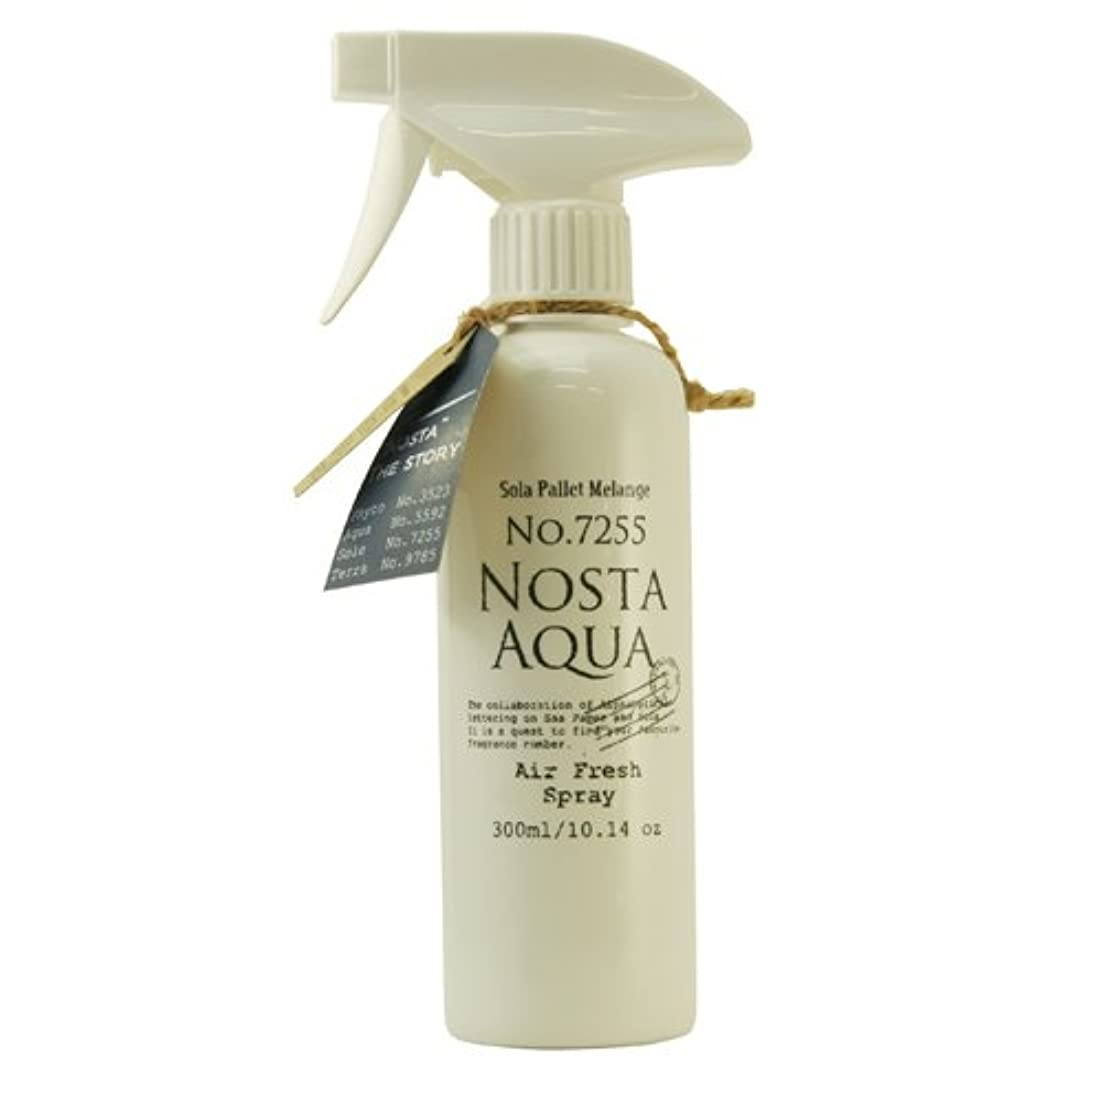 ぴったり典型的な兵隊Nosta ノスタ Air Fresh Spray エアーフレッシュスプレー(ルームスプレー)Aqua アクア / 生命の起源